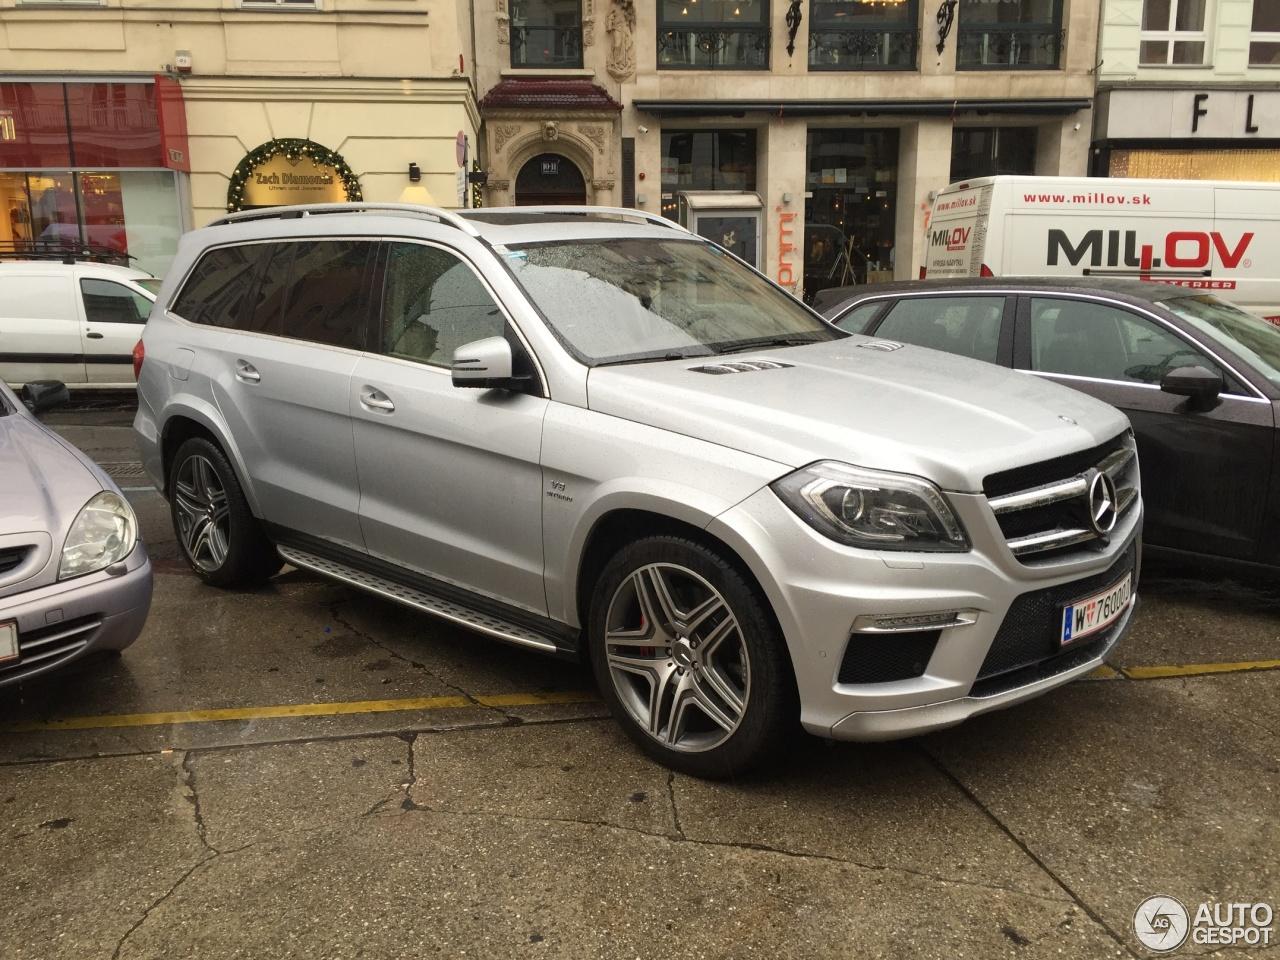 Mercedes benz gl 63 amg x166 18 december 2015 autogespot for Mercedes benz gl amg 2015